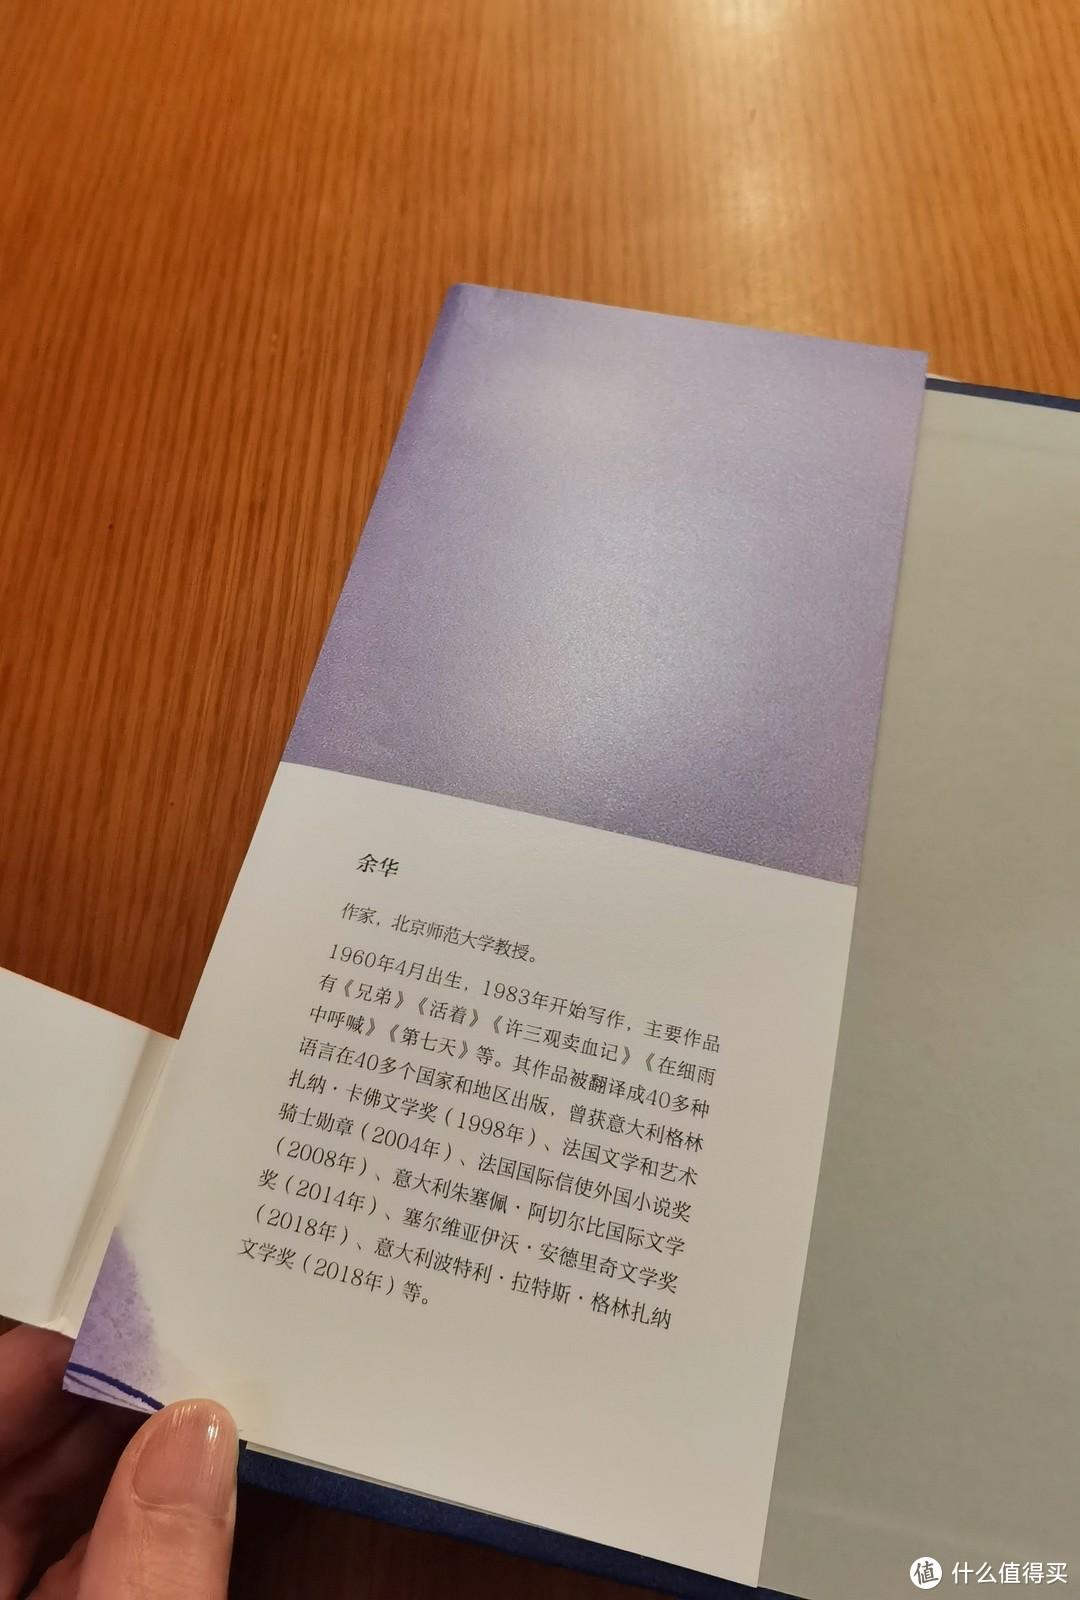 余华,1960年4月3日生于浙江杭州,中国当代作家,著有《许三观卖血记》《活着》等。